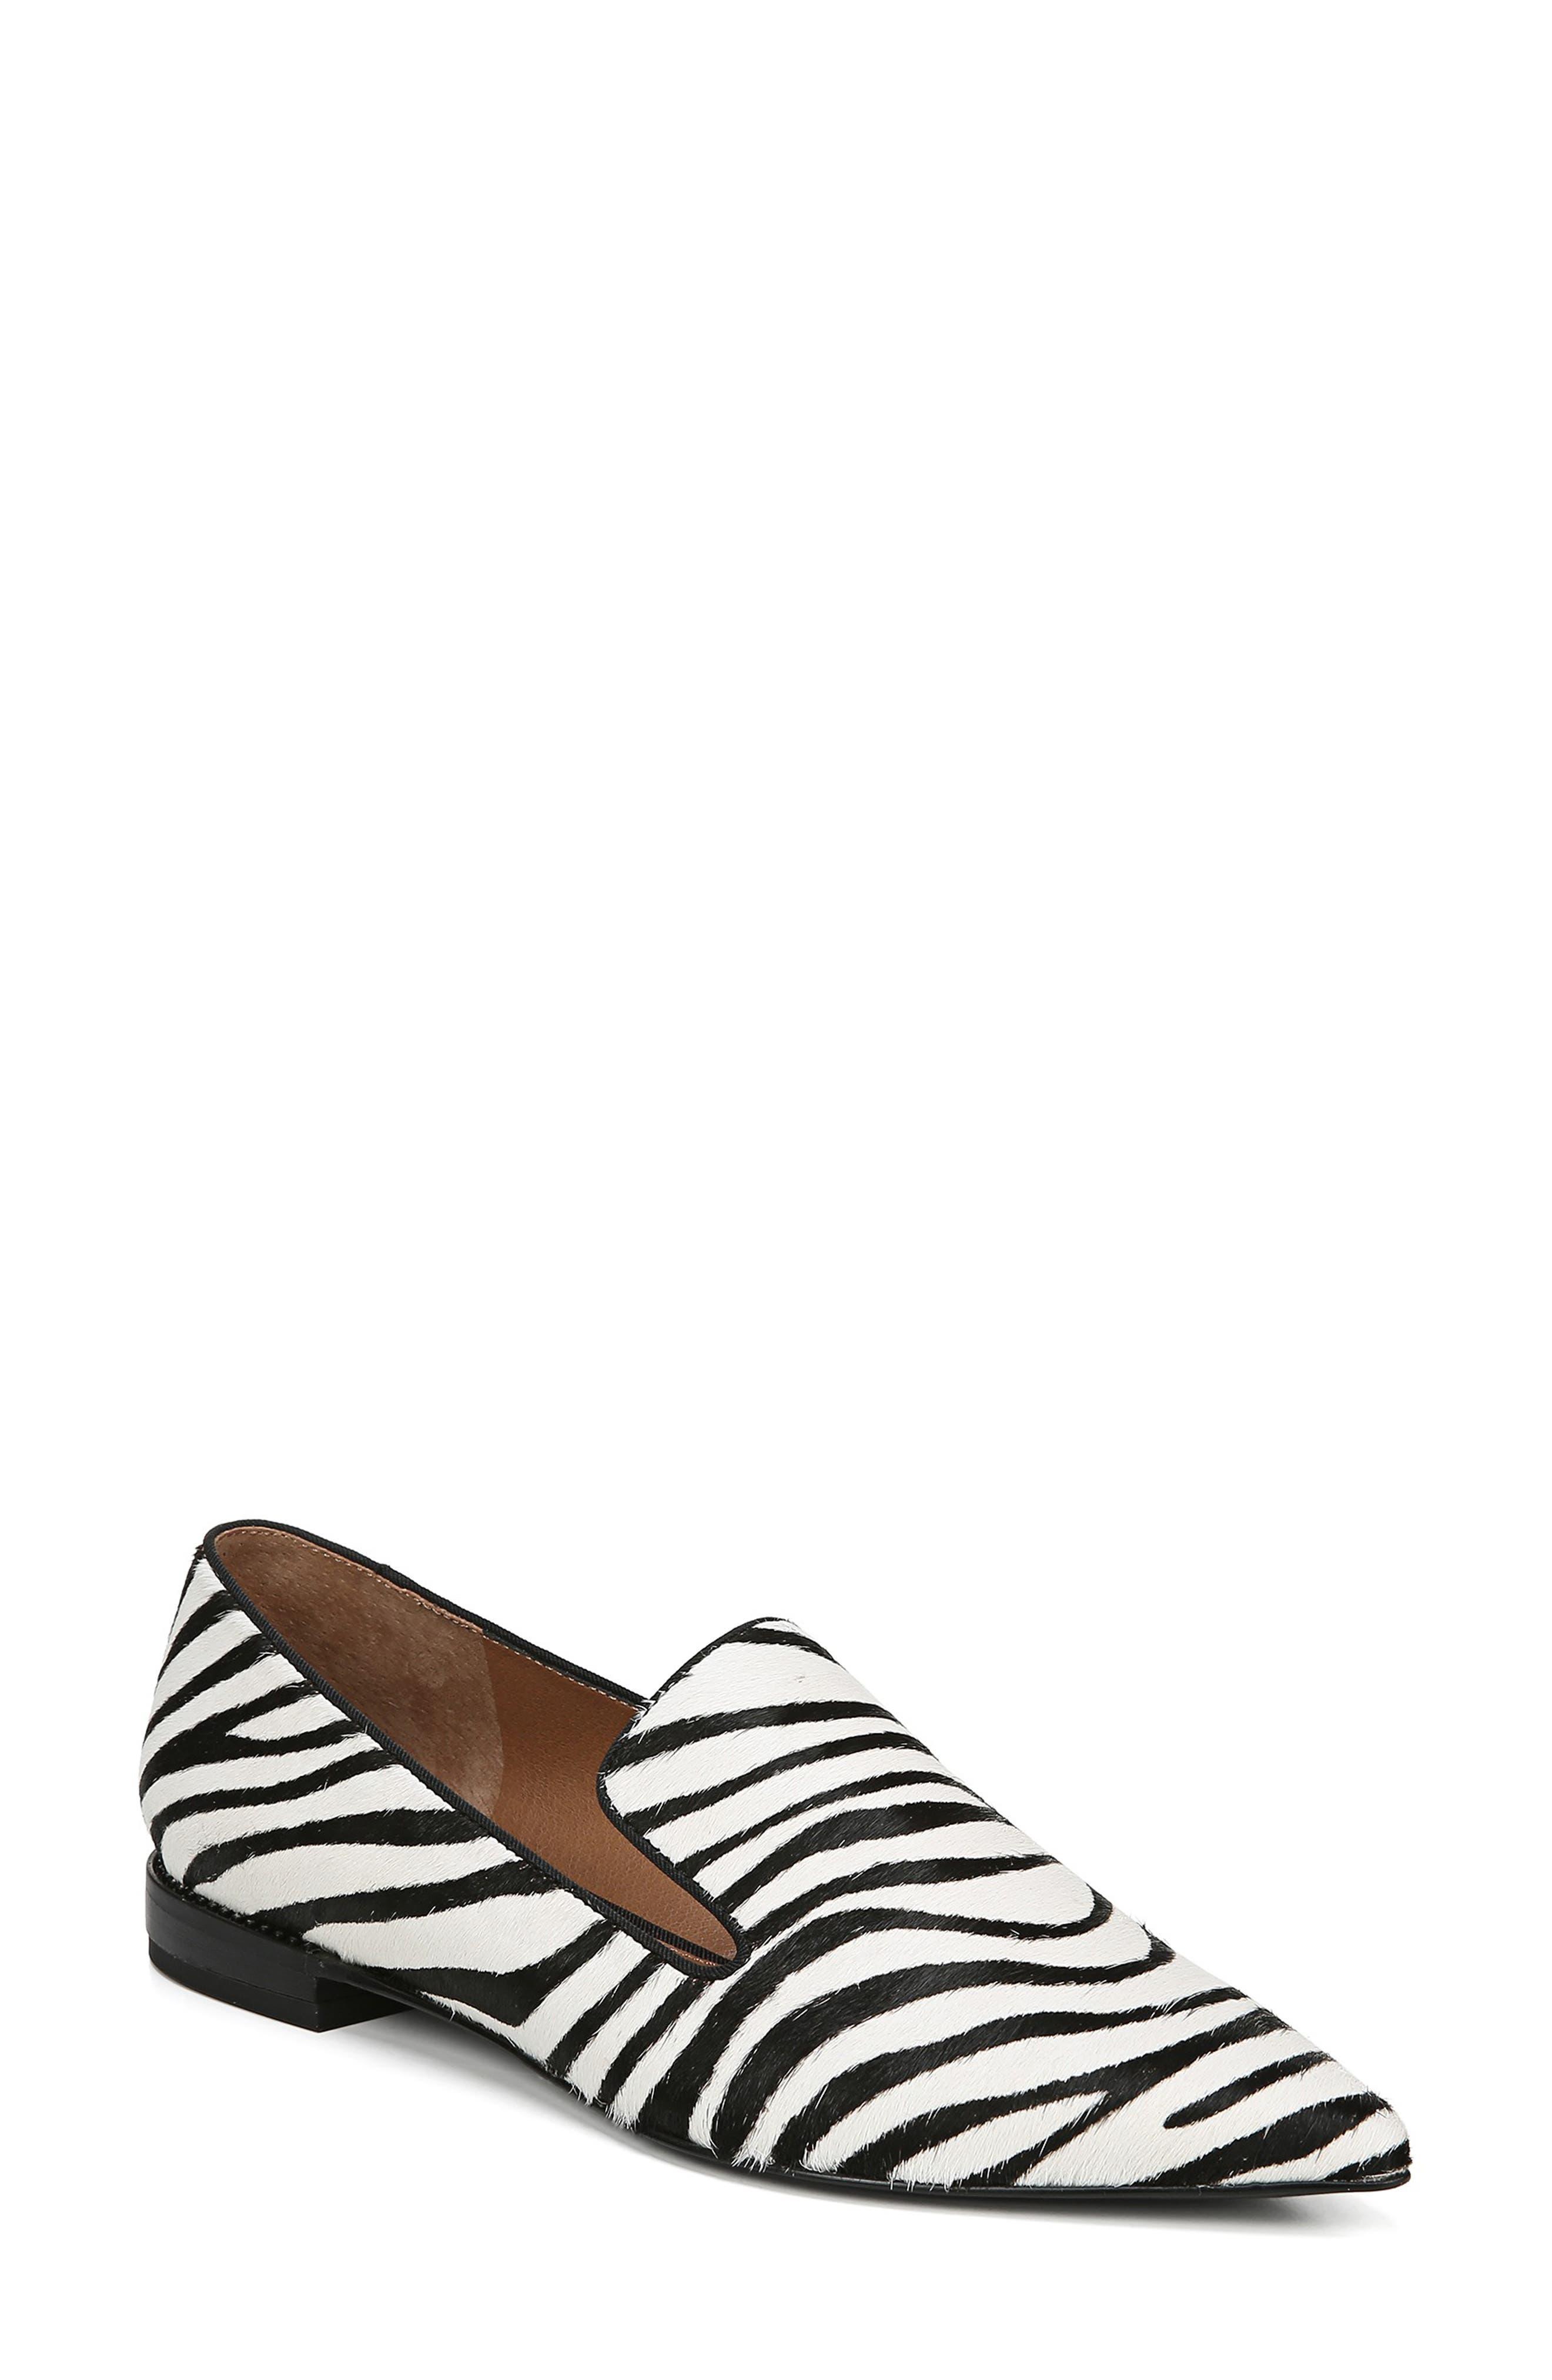 Sarto By Franco Sarto Topaz Genuine Calf Hair Pointy Toe Loafer- Black